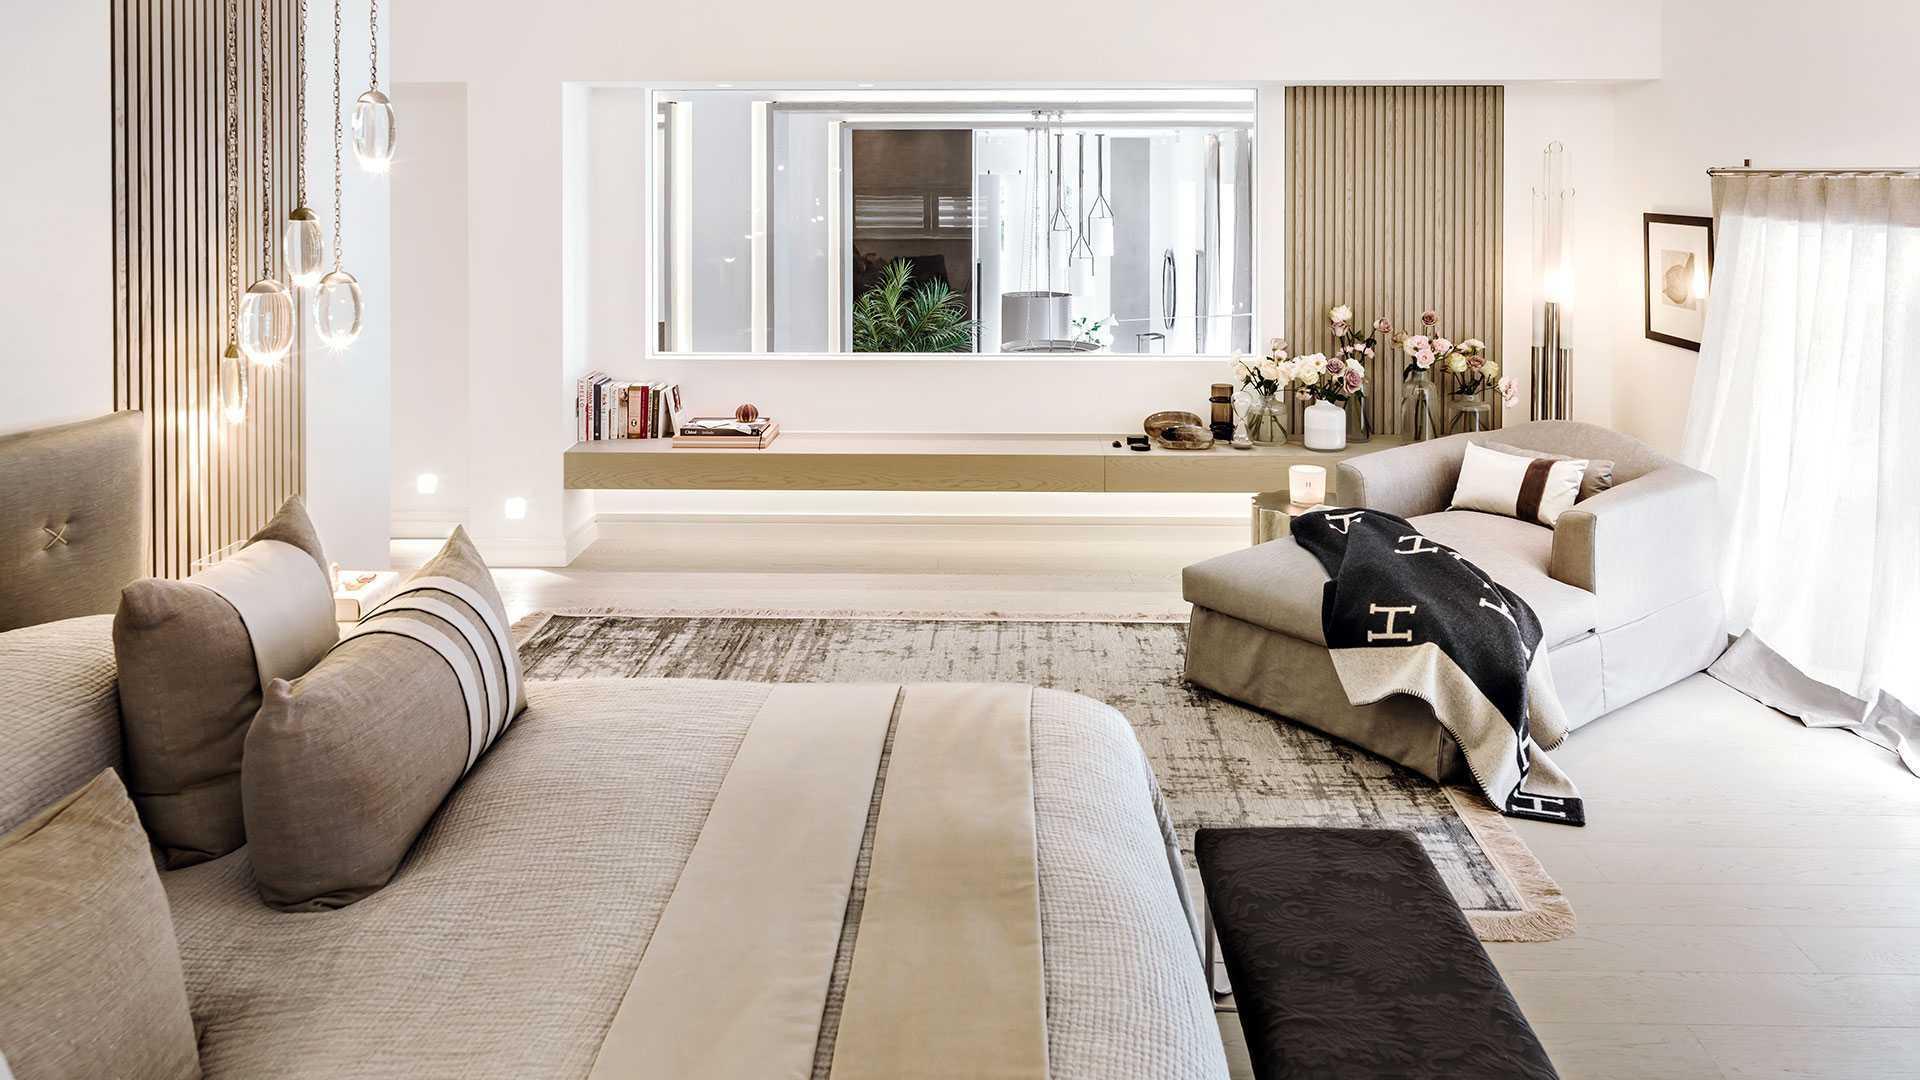 Master Bedroom Master Bedroom Inspiring Master Bedroom Ideas By Kelly Hoppen Mel Yates Kelly Hoppen  15 881 MY 75